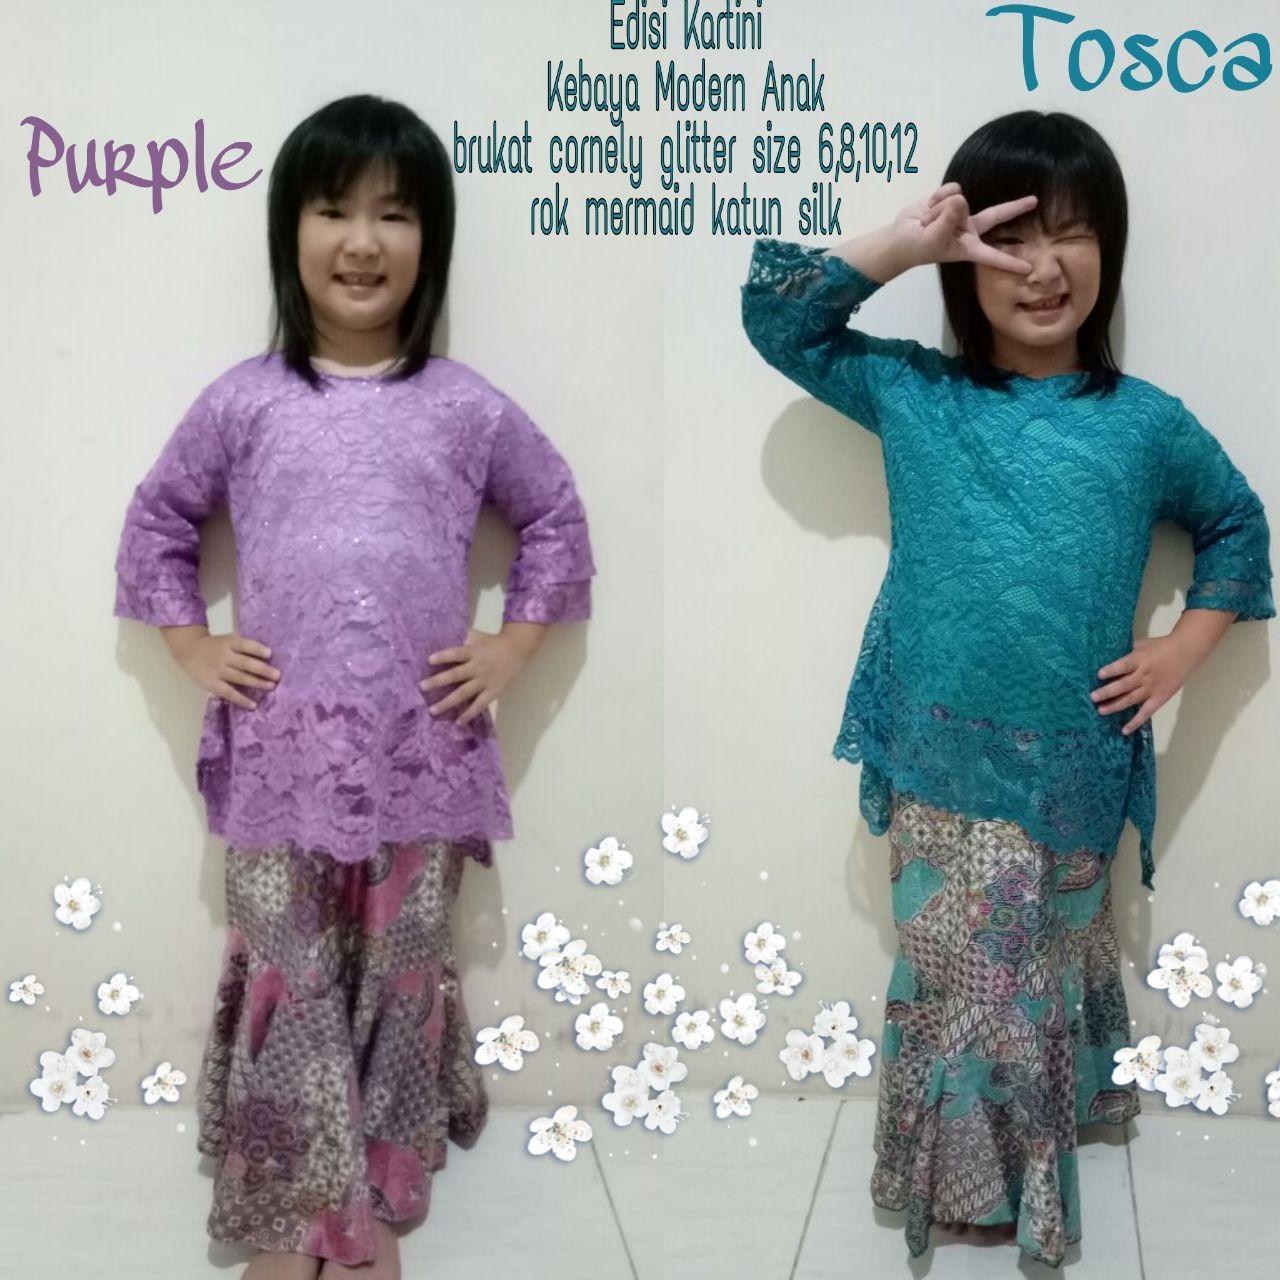 cbb2bf25697b2c667803086b45796715 Review Daftar Harga Batik Anak Wanita Paling Baru minggu ini